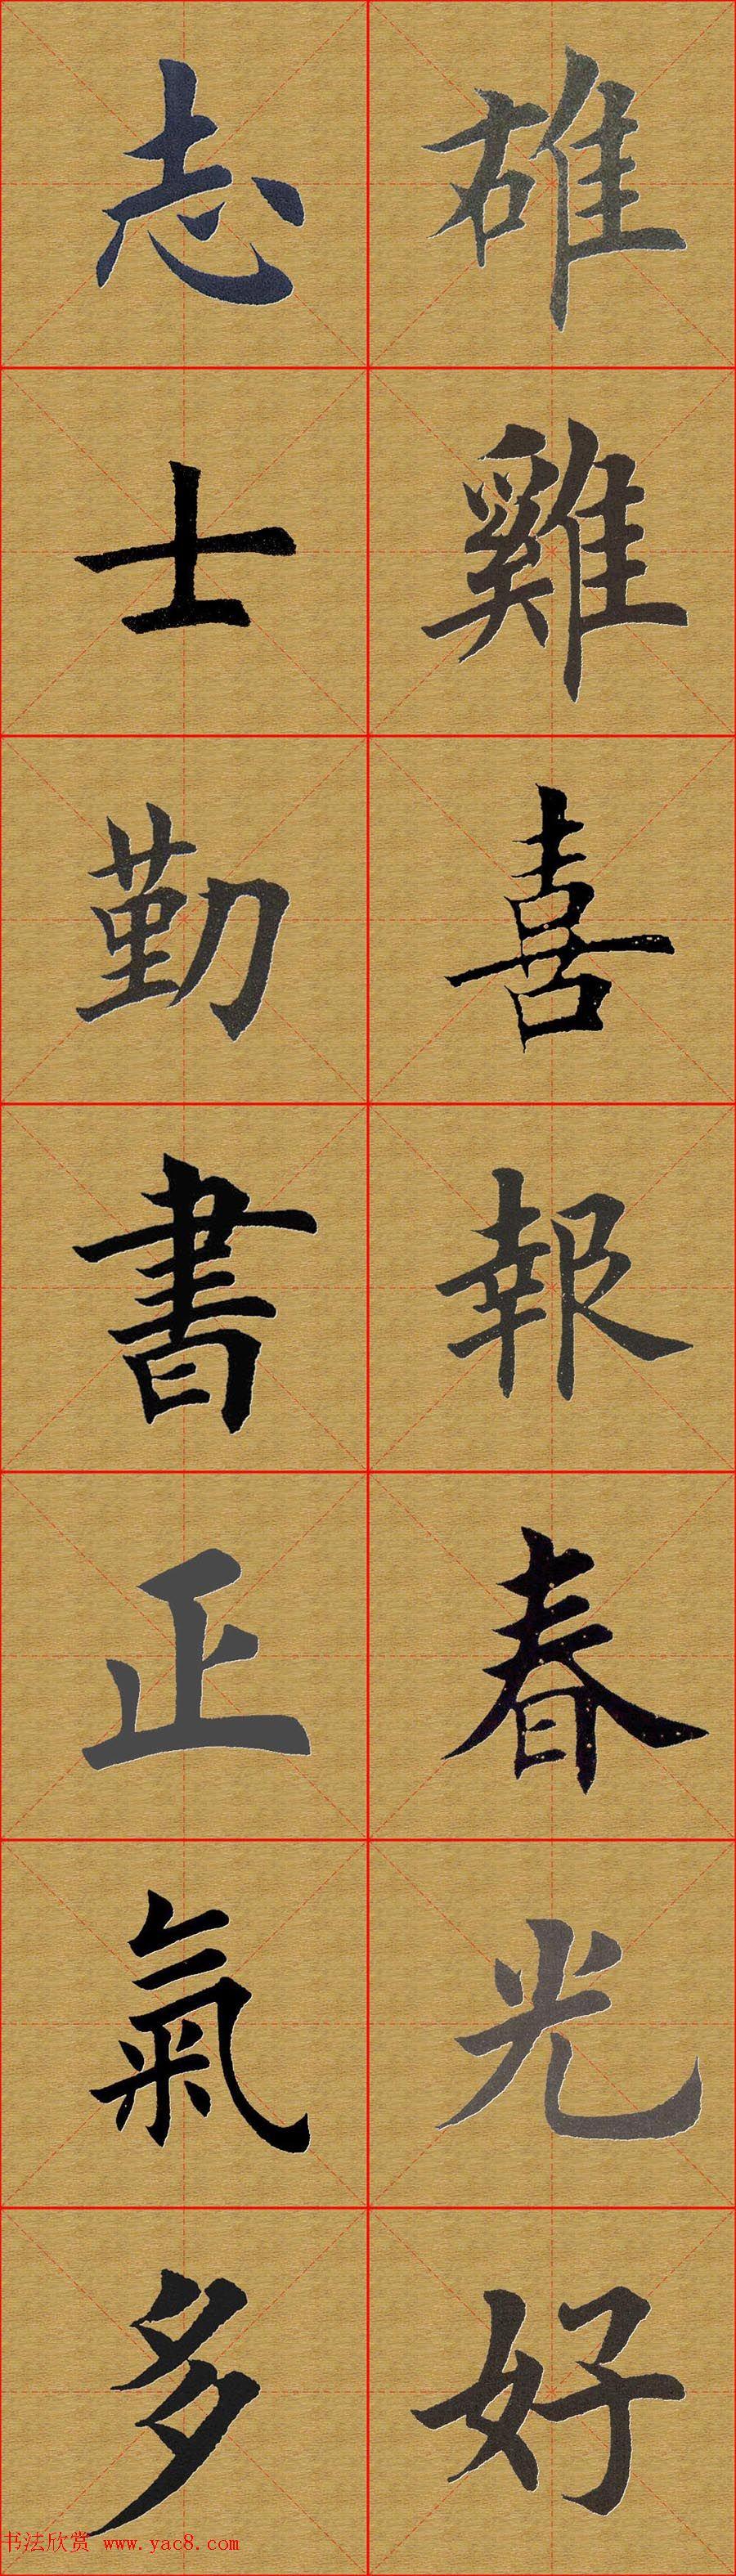 书法 书法作品 900_3150 竖版 竖屏图片